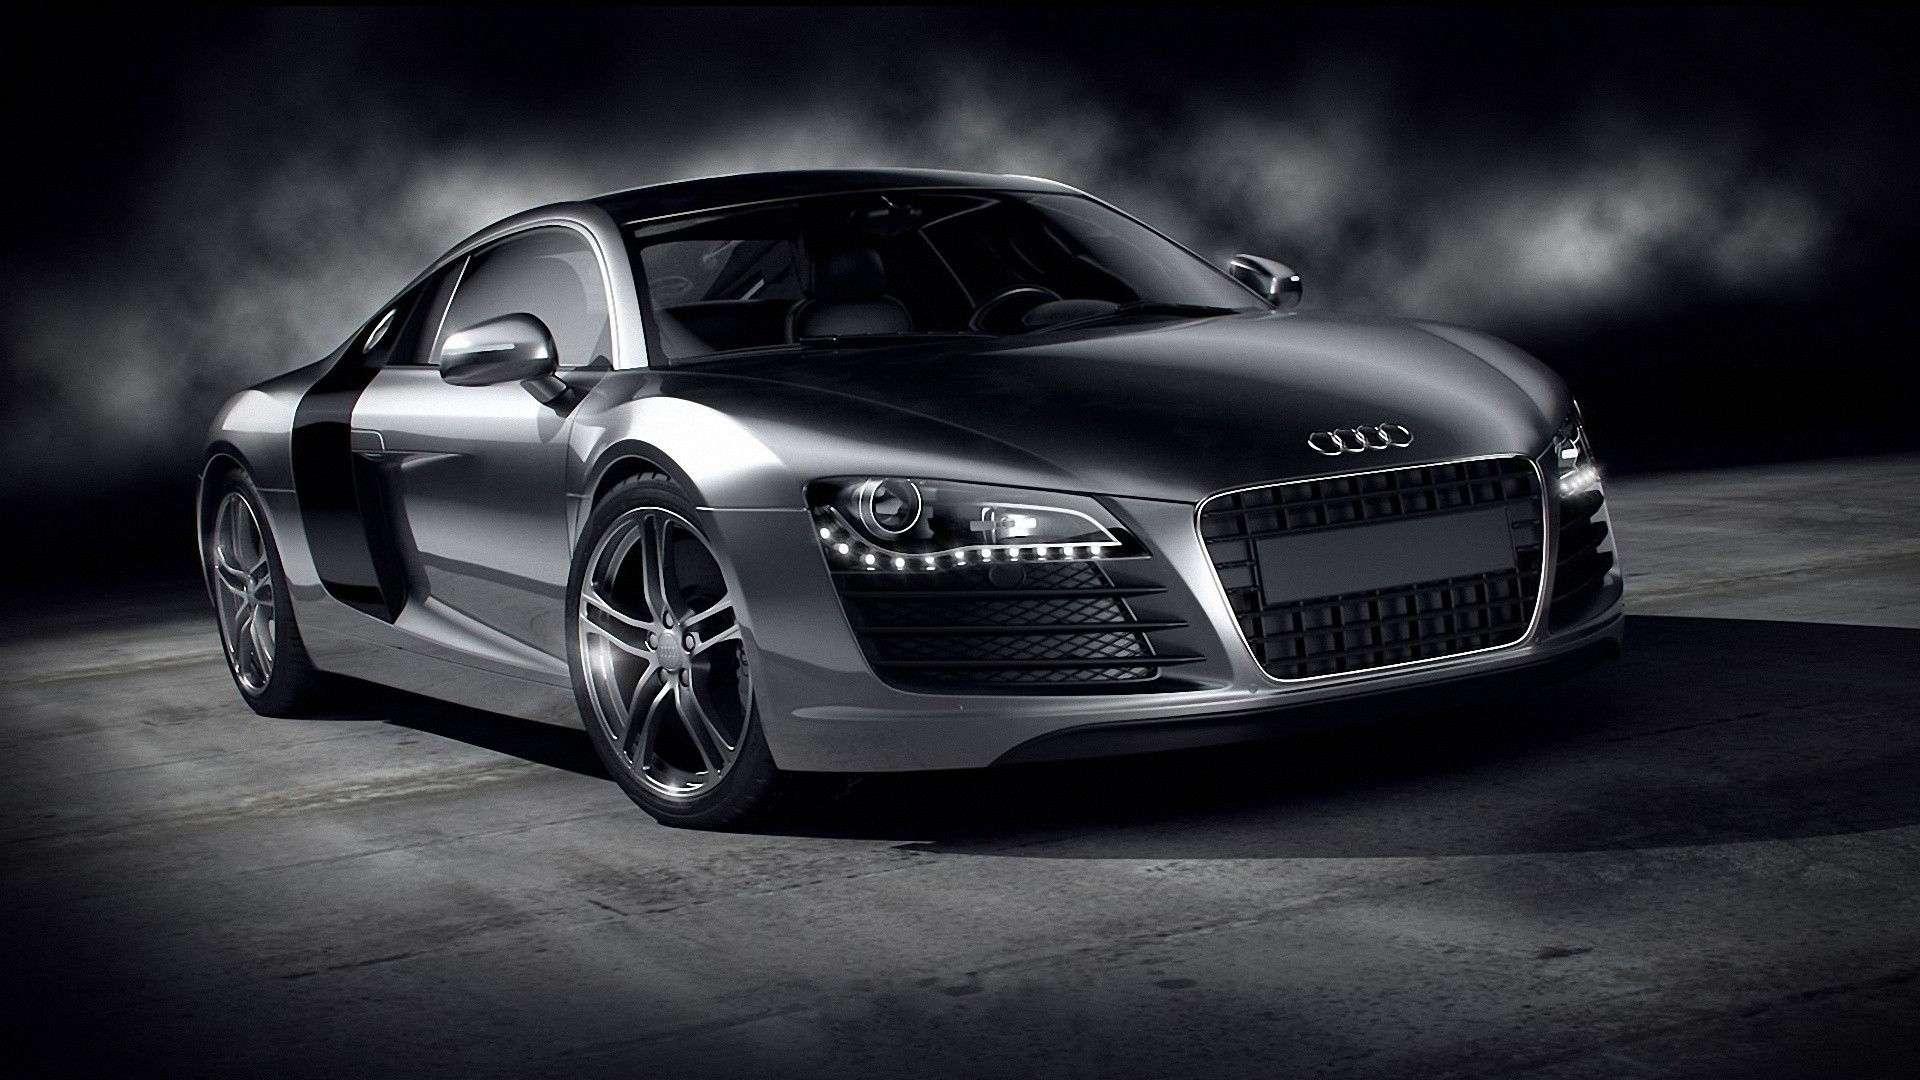 Audi R8 Wallpaper 011